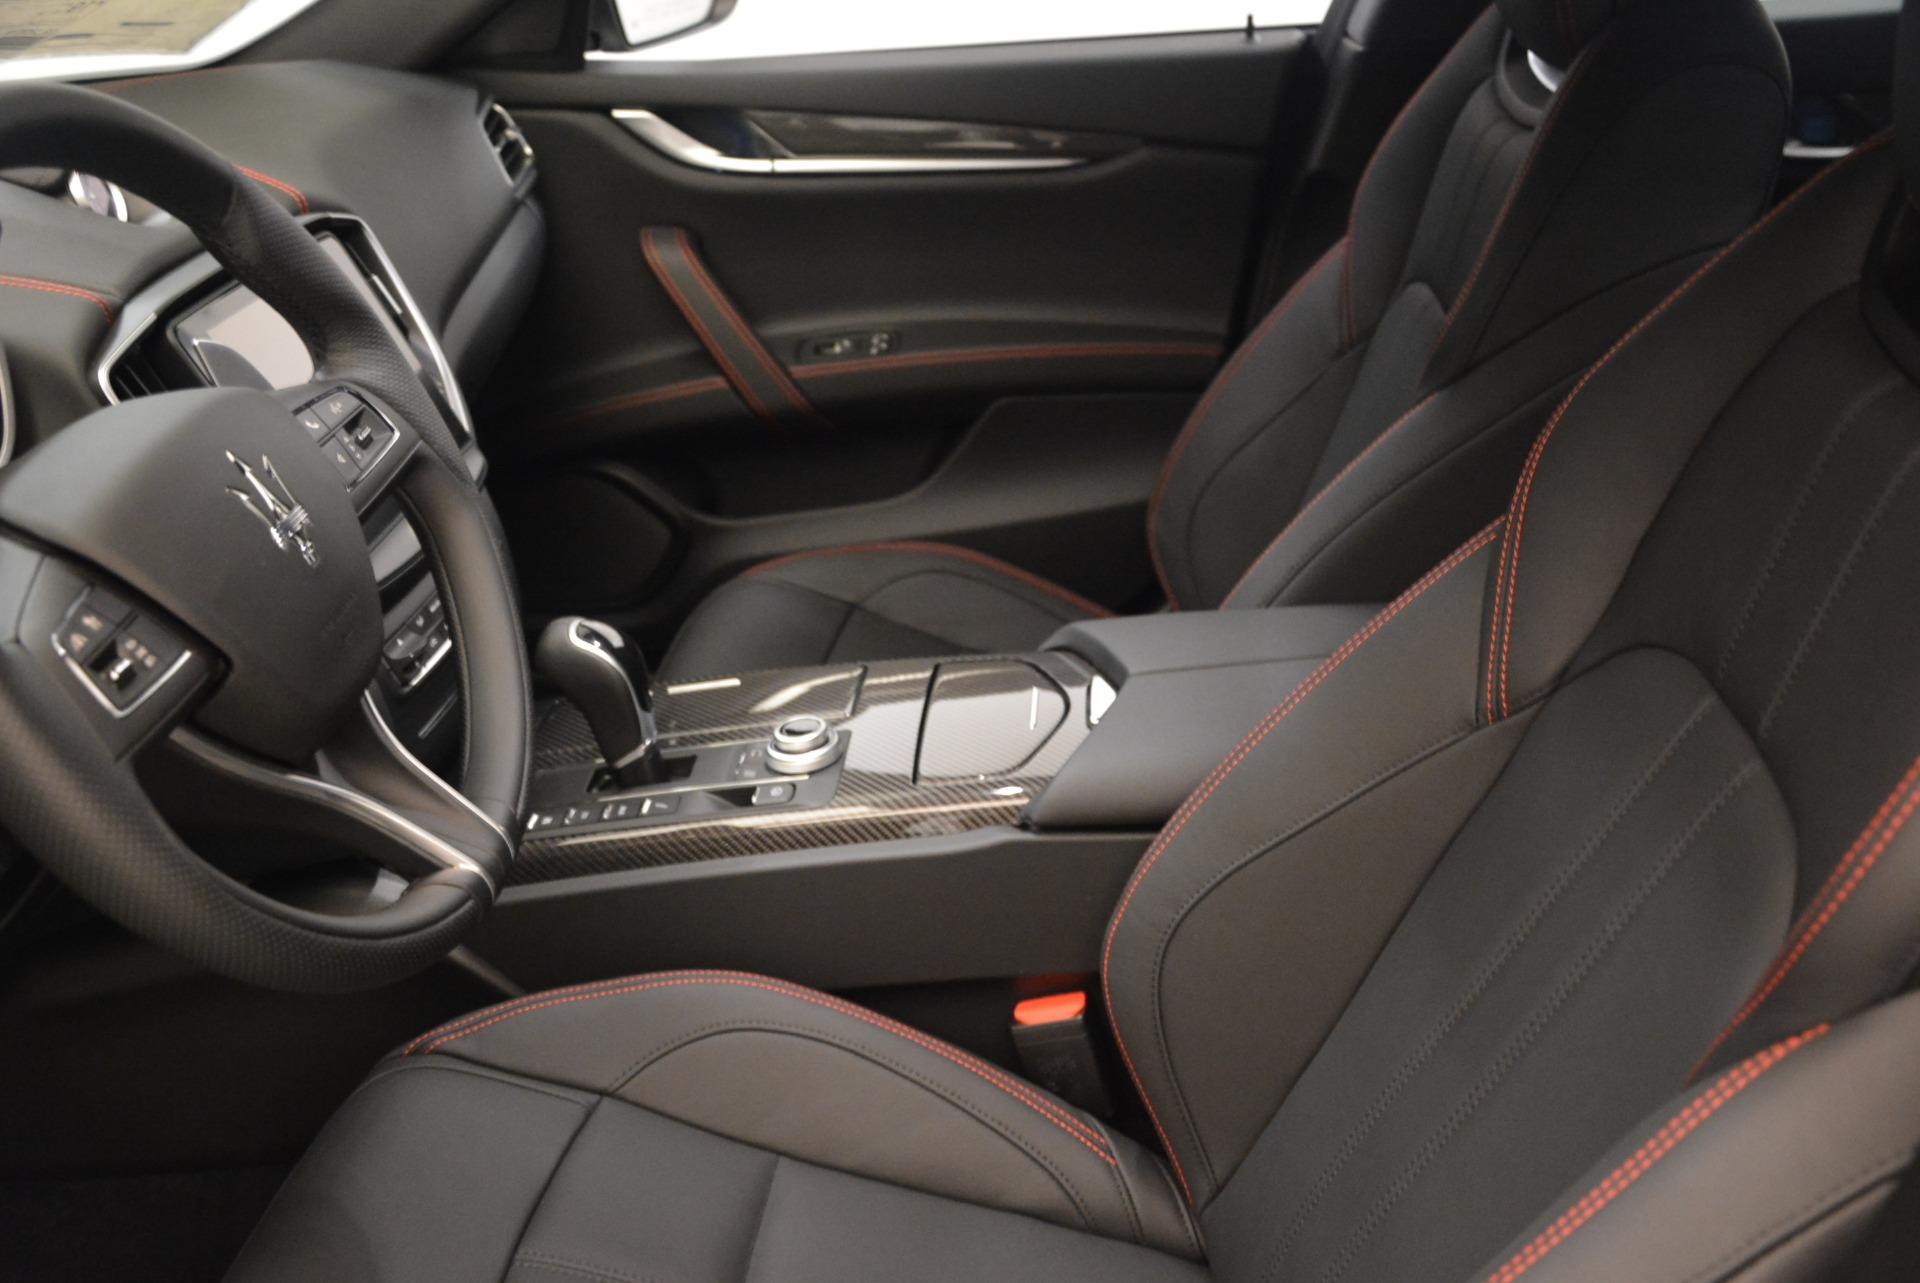 New 2018 Maserati Ghibli SQ4 GranSport Nerissimo For Sale In Greenwich, CT. Alfa Romeo of Greenwich, M2171 2366_p14